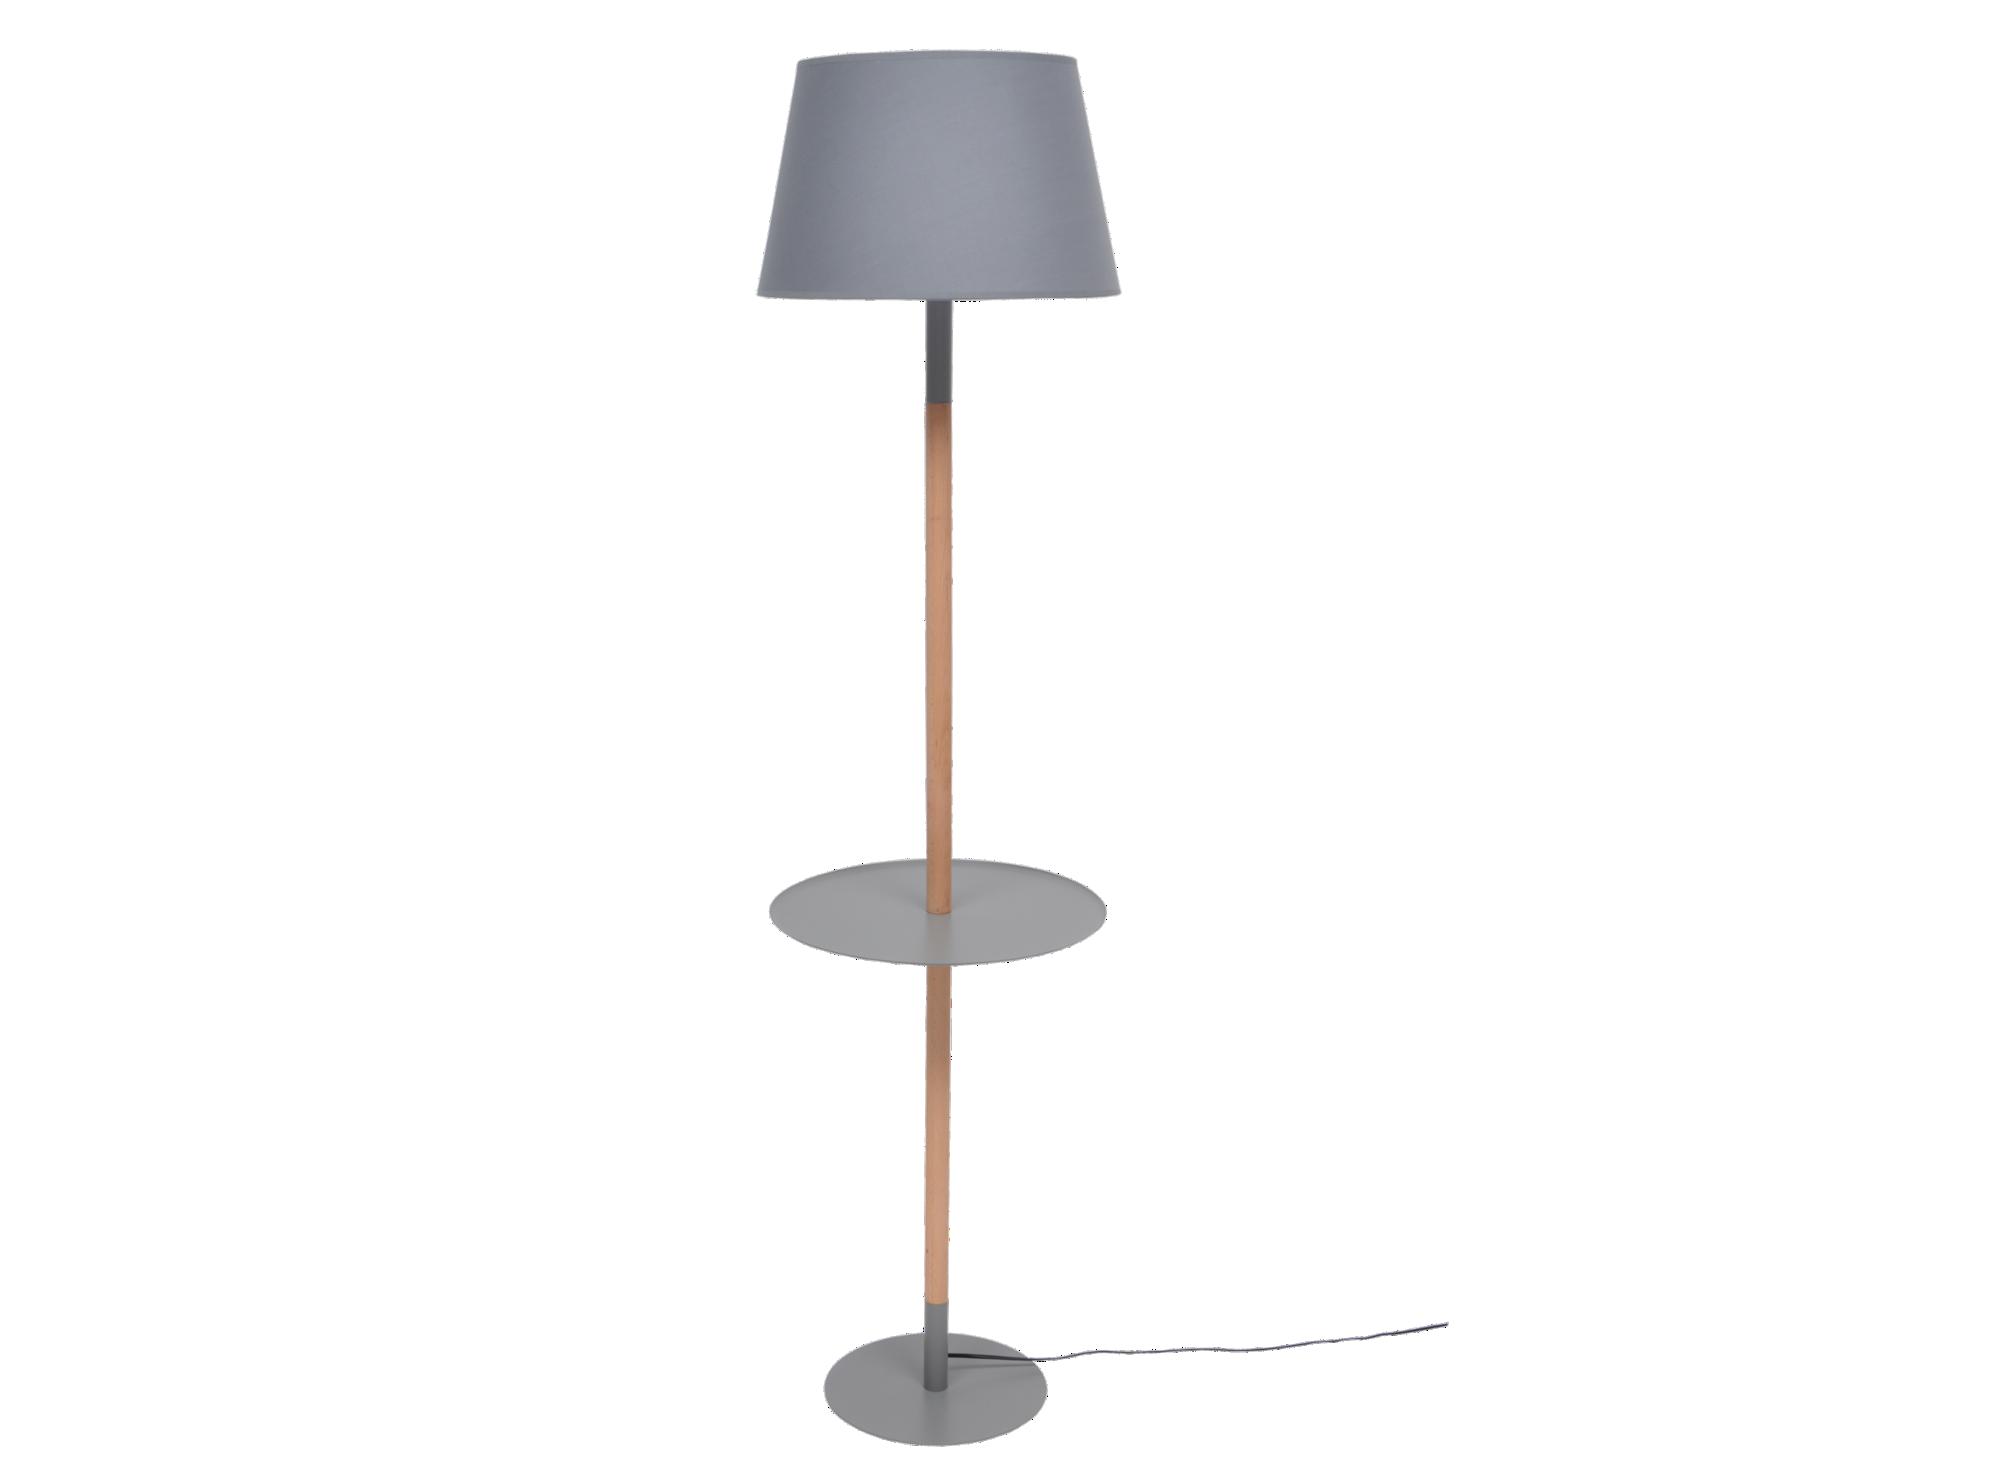 Lampadaire h160cm bois/gris socle en metal laque epoxy coloris gris.  ...